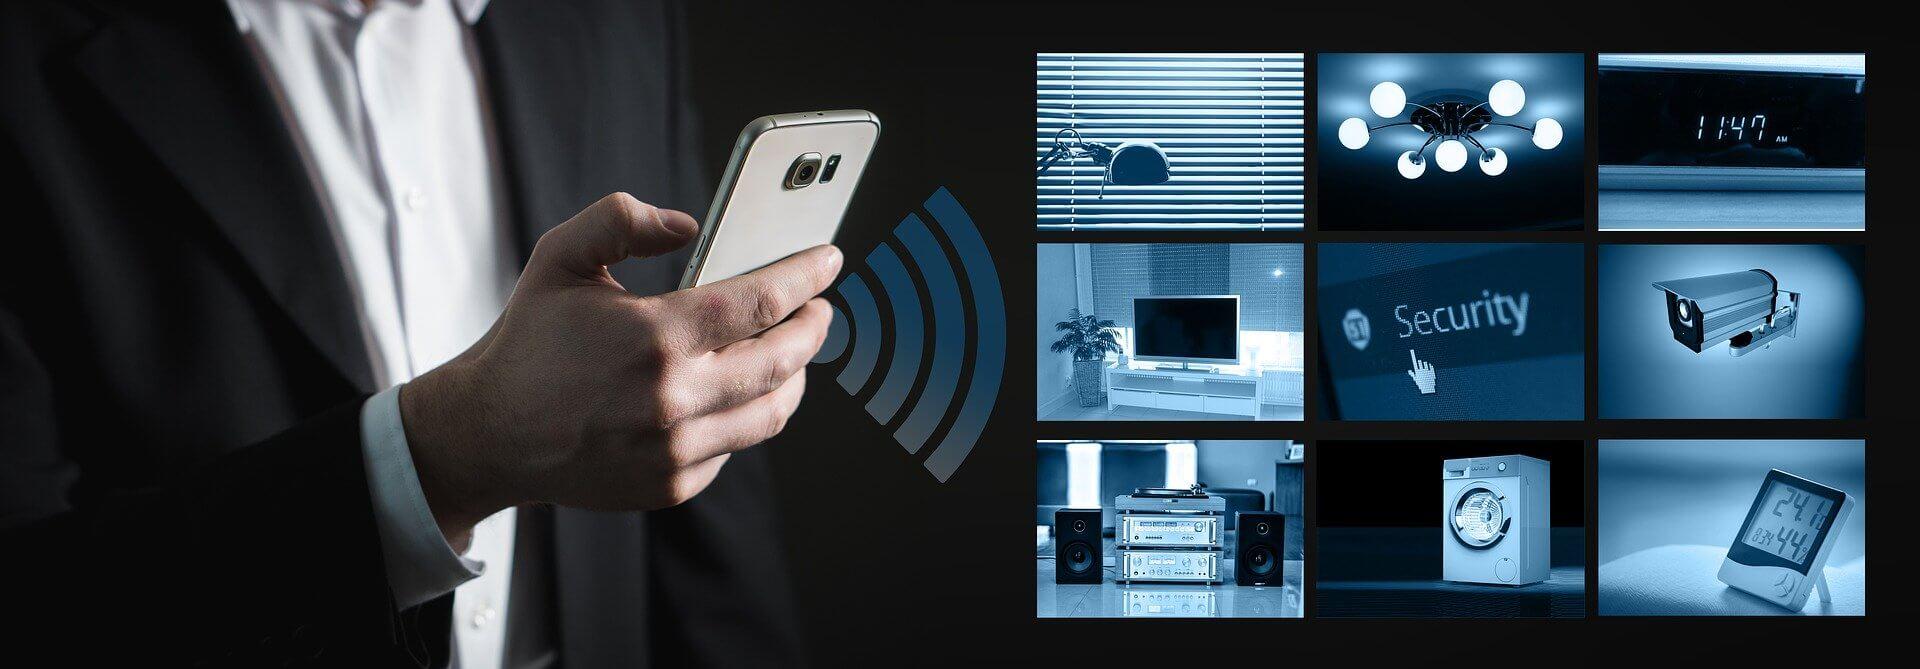 cómo proteger tu hogar inteligente e IoT de los hackers